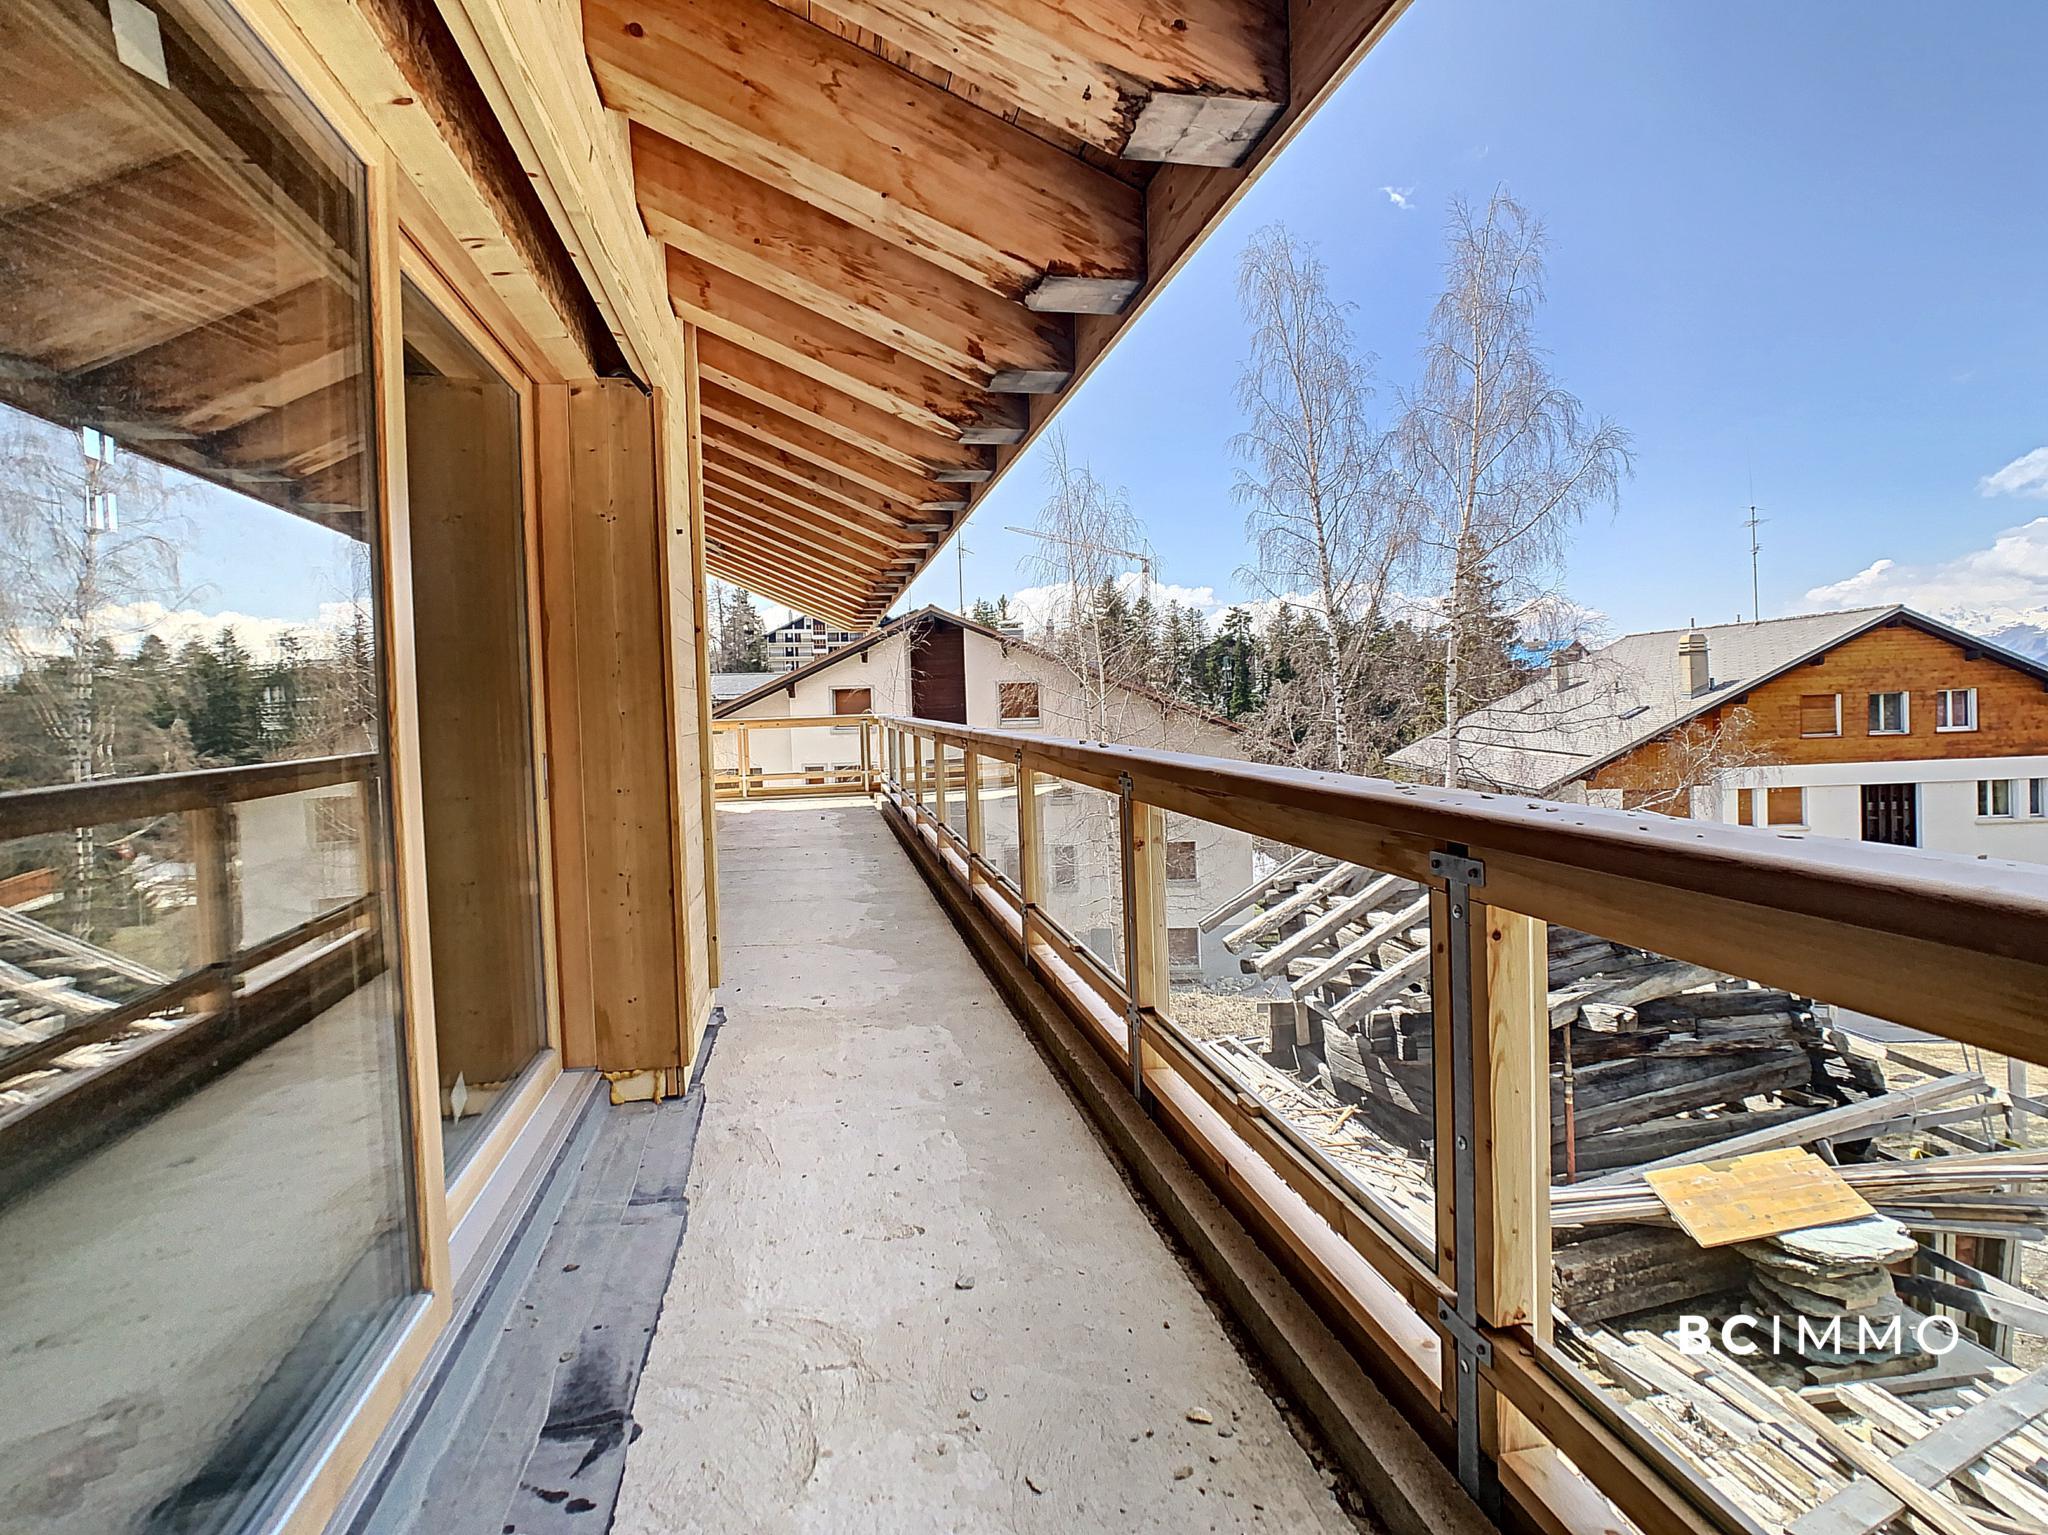 BC Immo - Luxueux appartement de 4.5 pièces à Crans-Montana - Les Mazots du Vallon - DC4AMON63